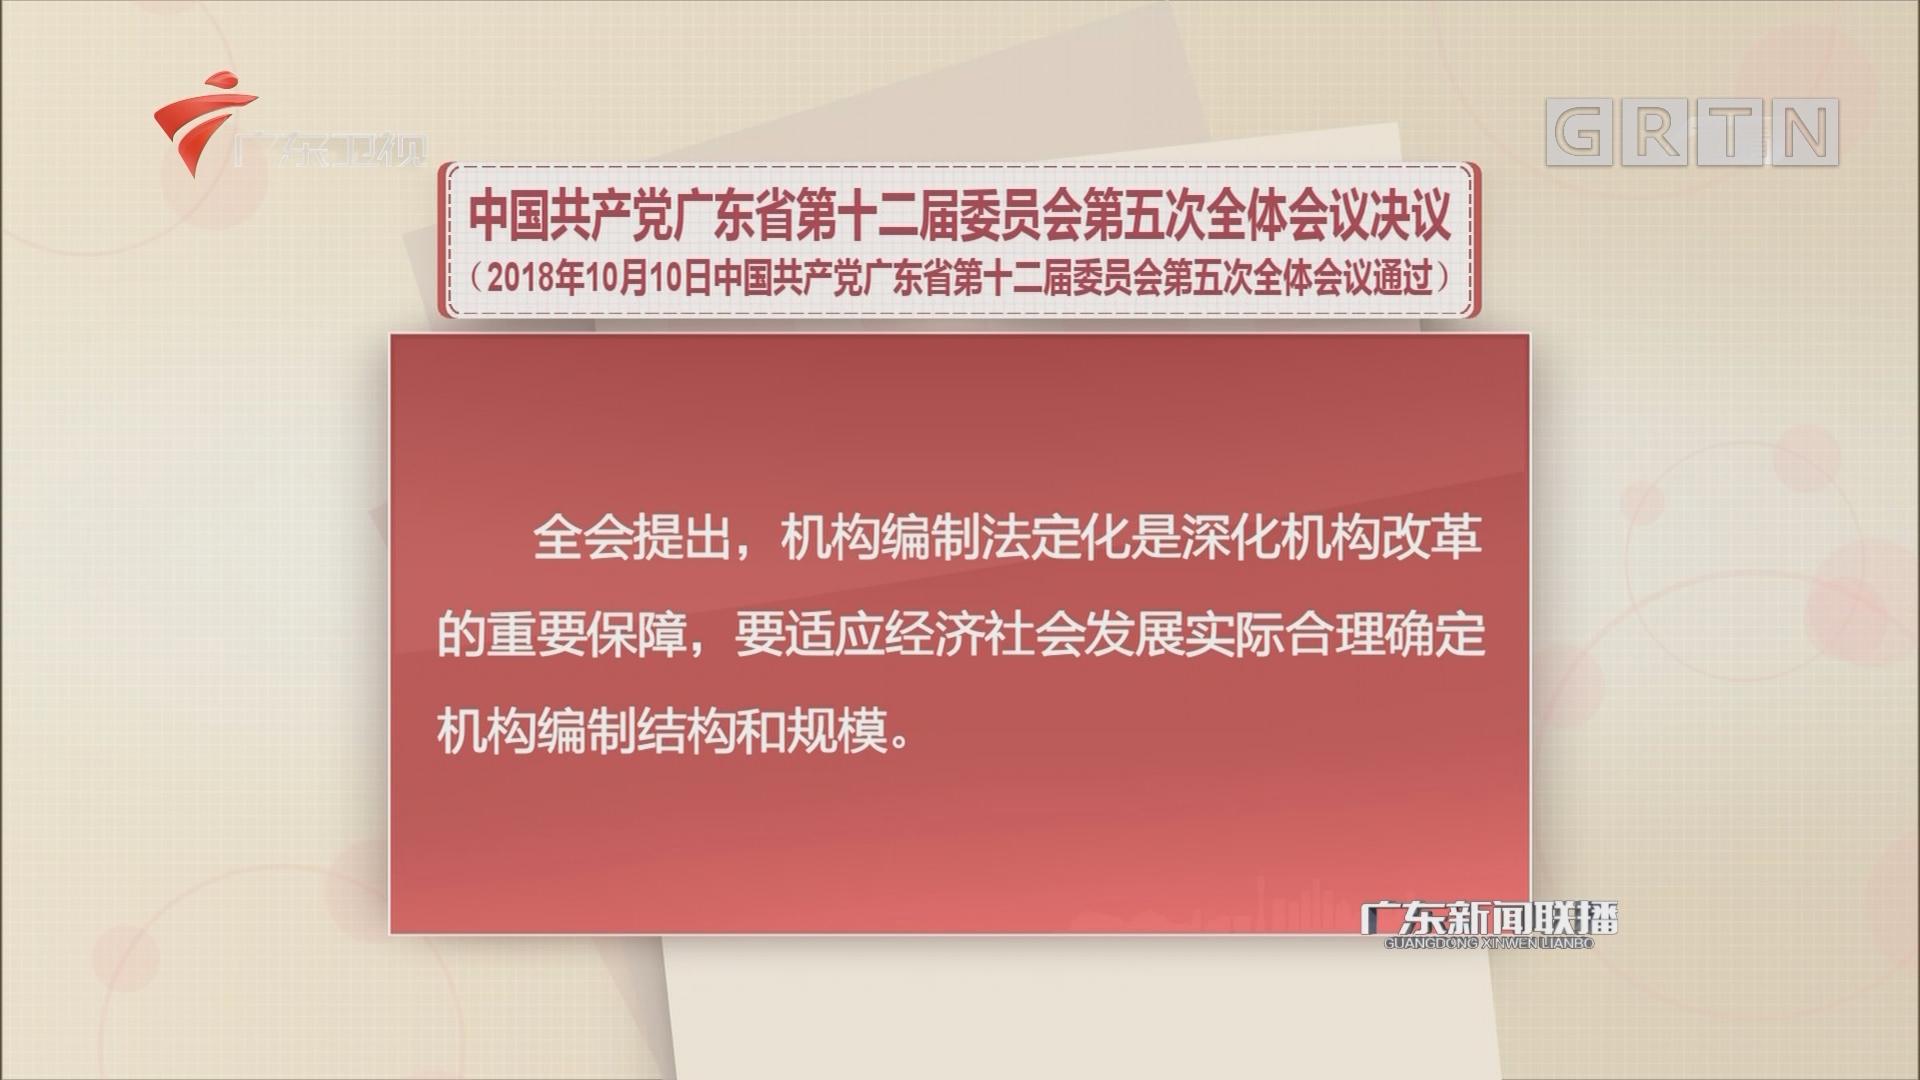 中国共产党广东省第十二届委员会第五次全体会议决议